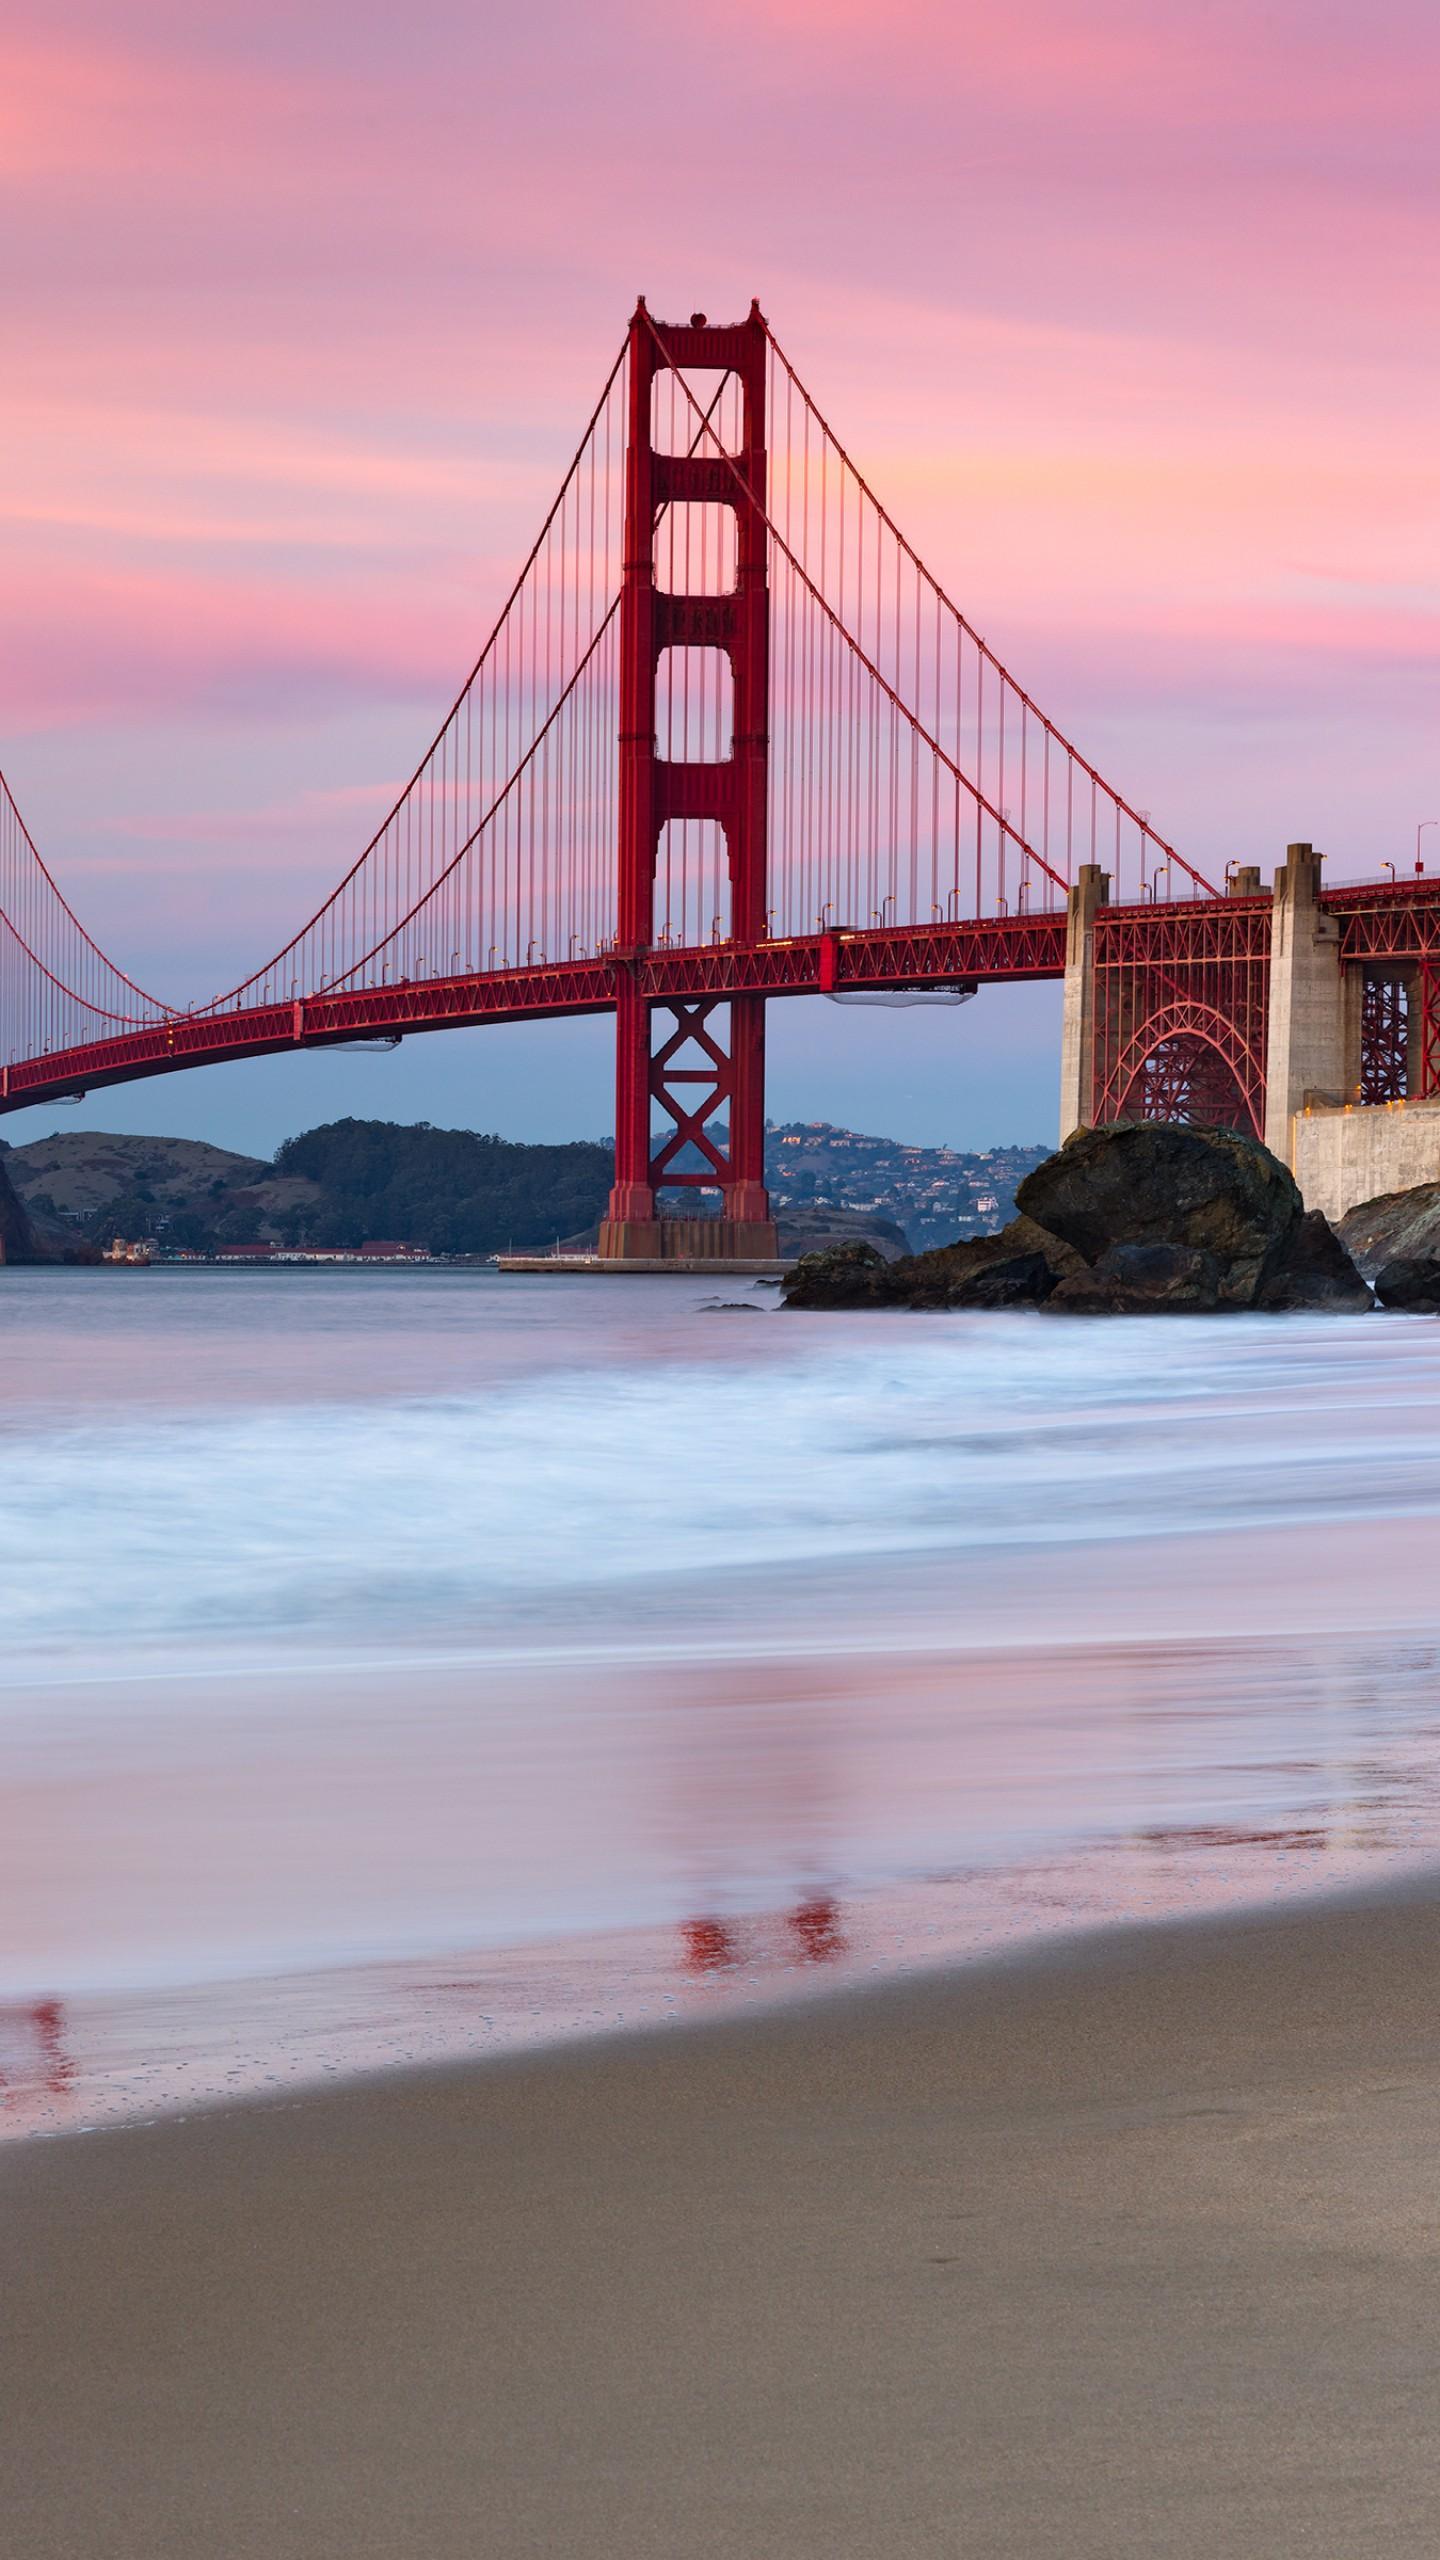 عکس زمینه پل گلدن گیت سانفرانسیسکو آمریکا پس زمینه